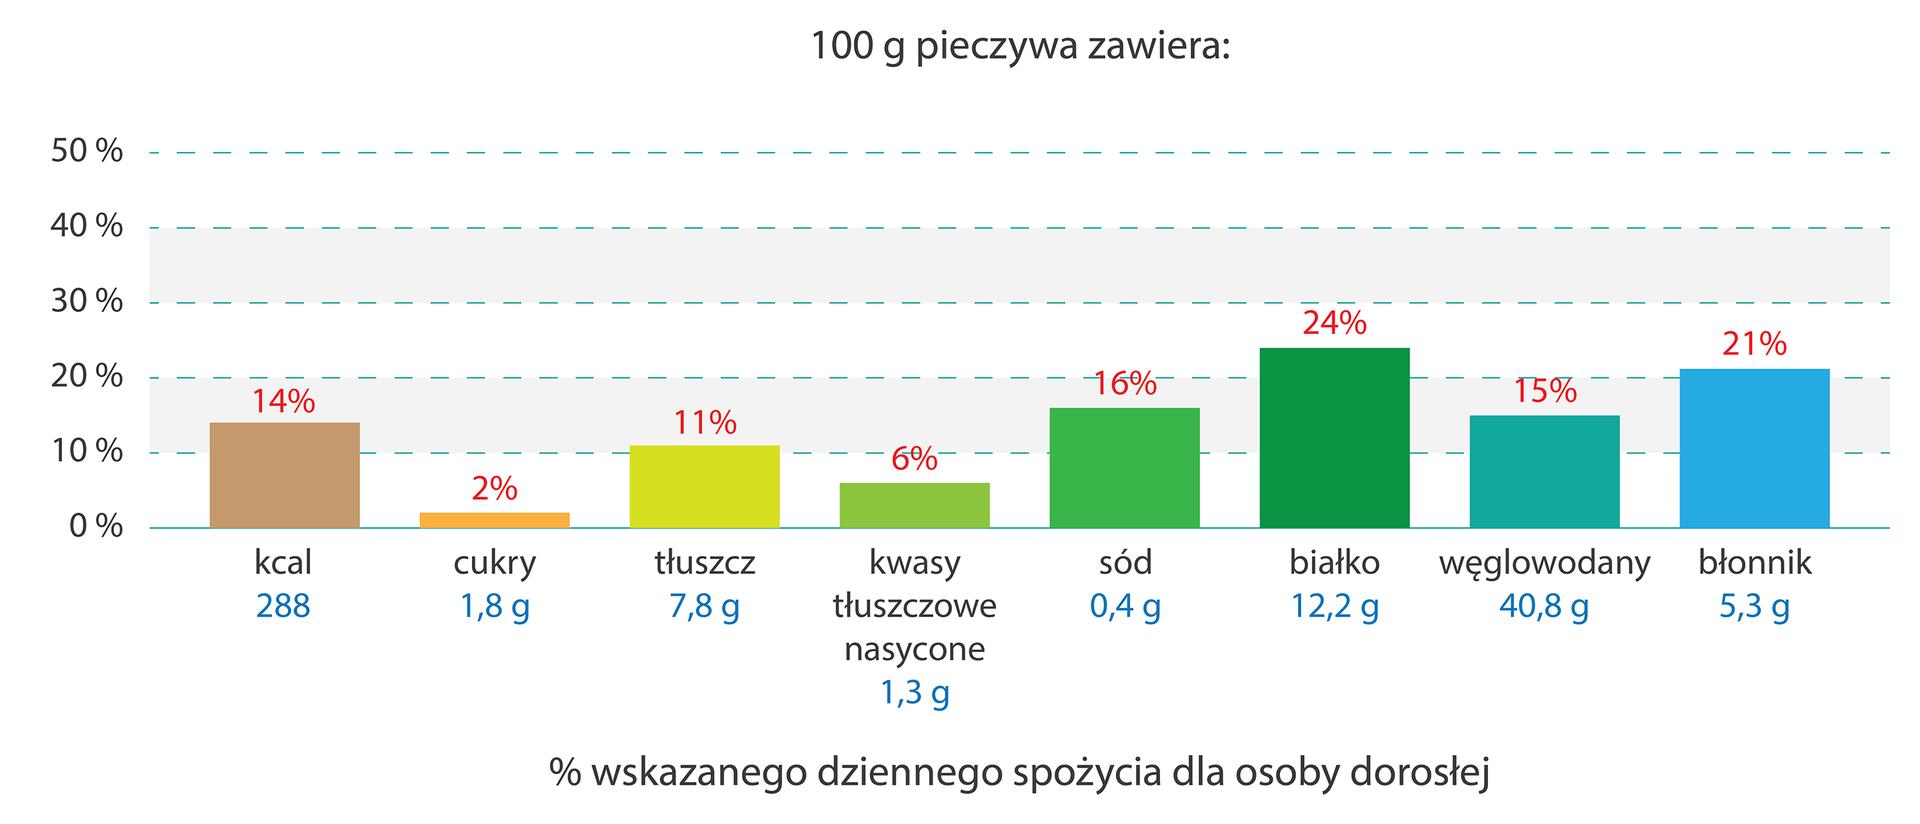 Różnokolorowy diagram słupkowy przedstawia, jaki procent wskazanego dziennego spożycia (GDA) zaspokaja dany składnik, zawarty wstu gramach pieczywa. Pod słupkami na niebiesko wypisano zawartość danego składnika wstu gramach pieczywa.